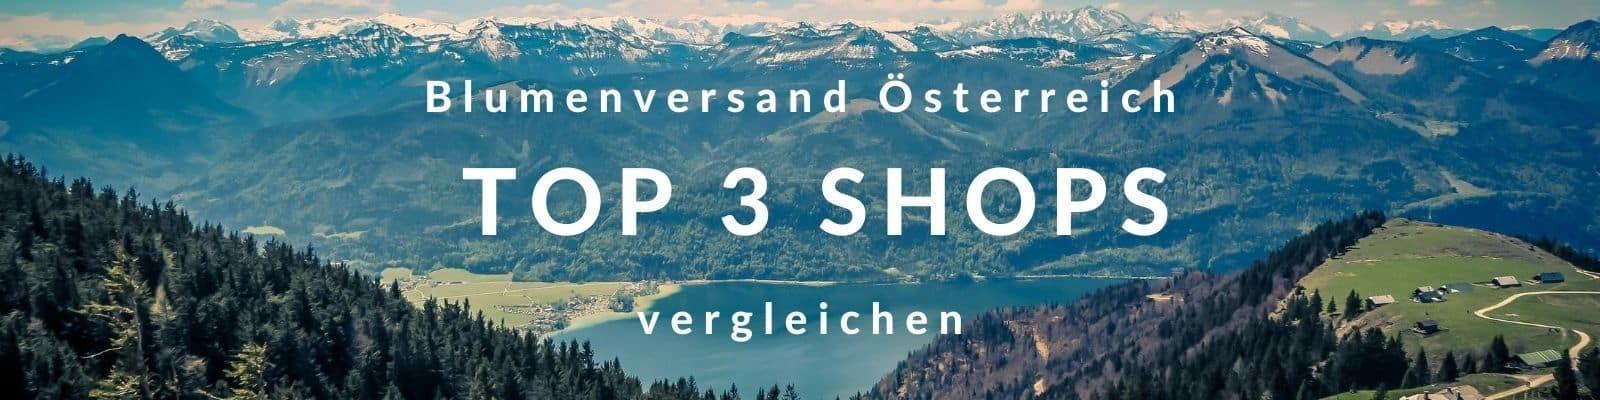 Blumenversand Österreich - Blumen verschicken Österreich und Wien